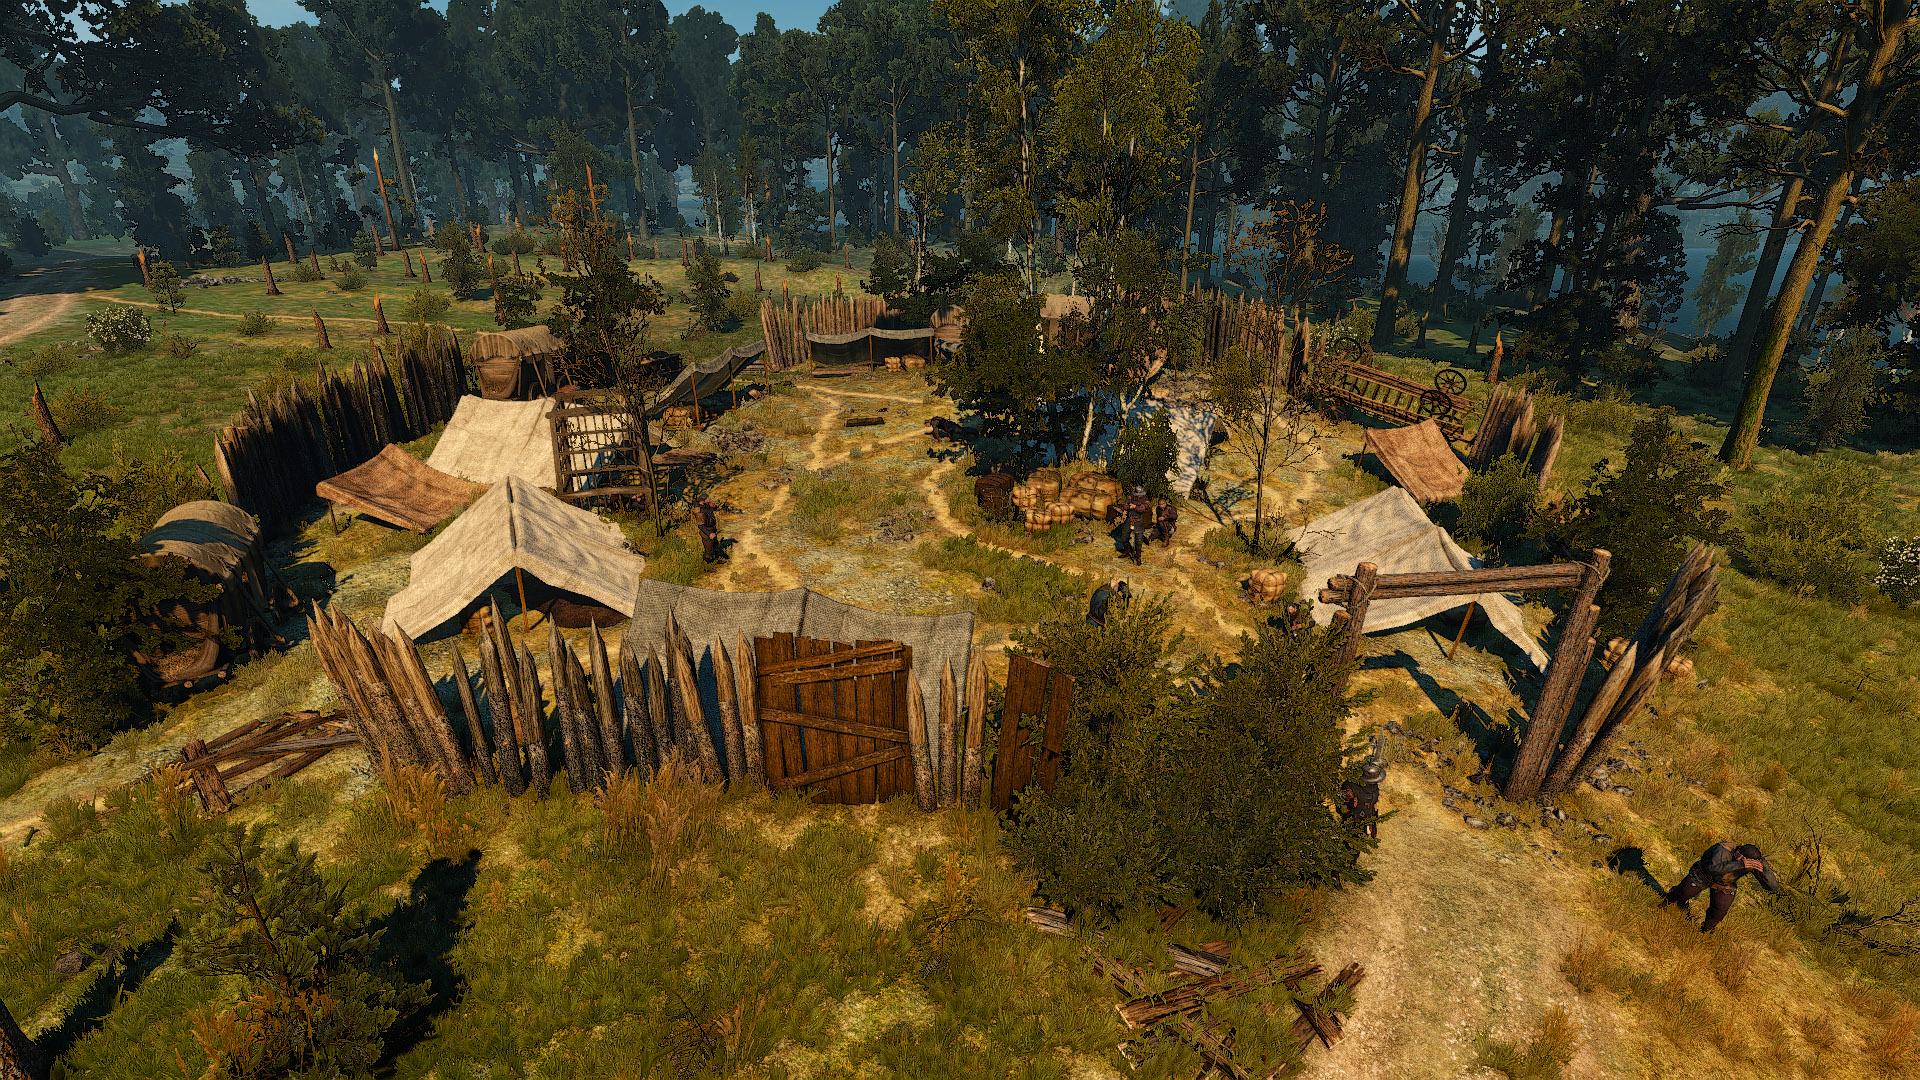 Bandits' Camp